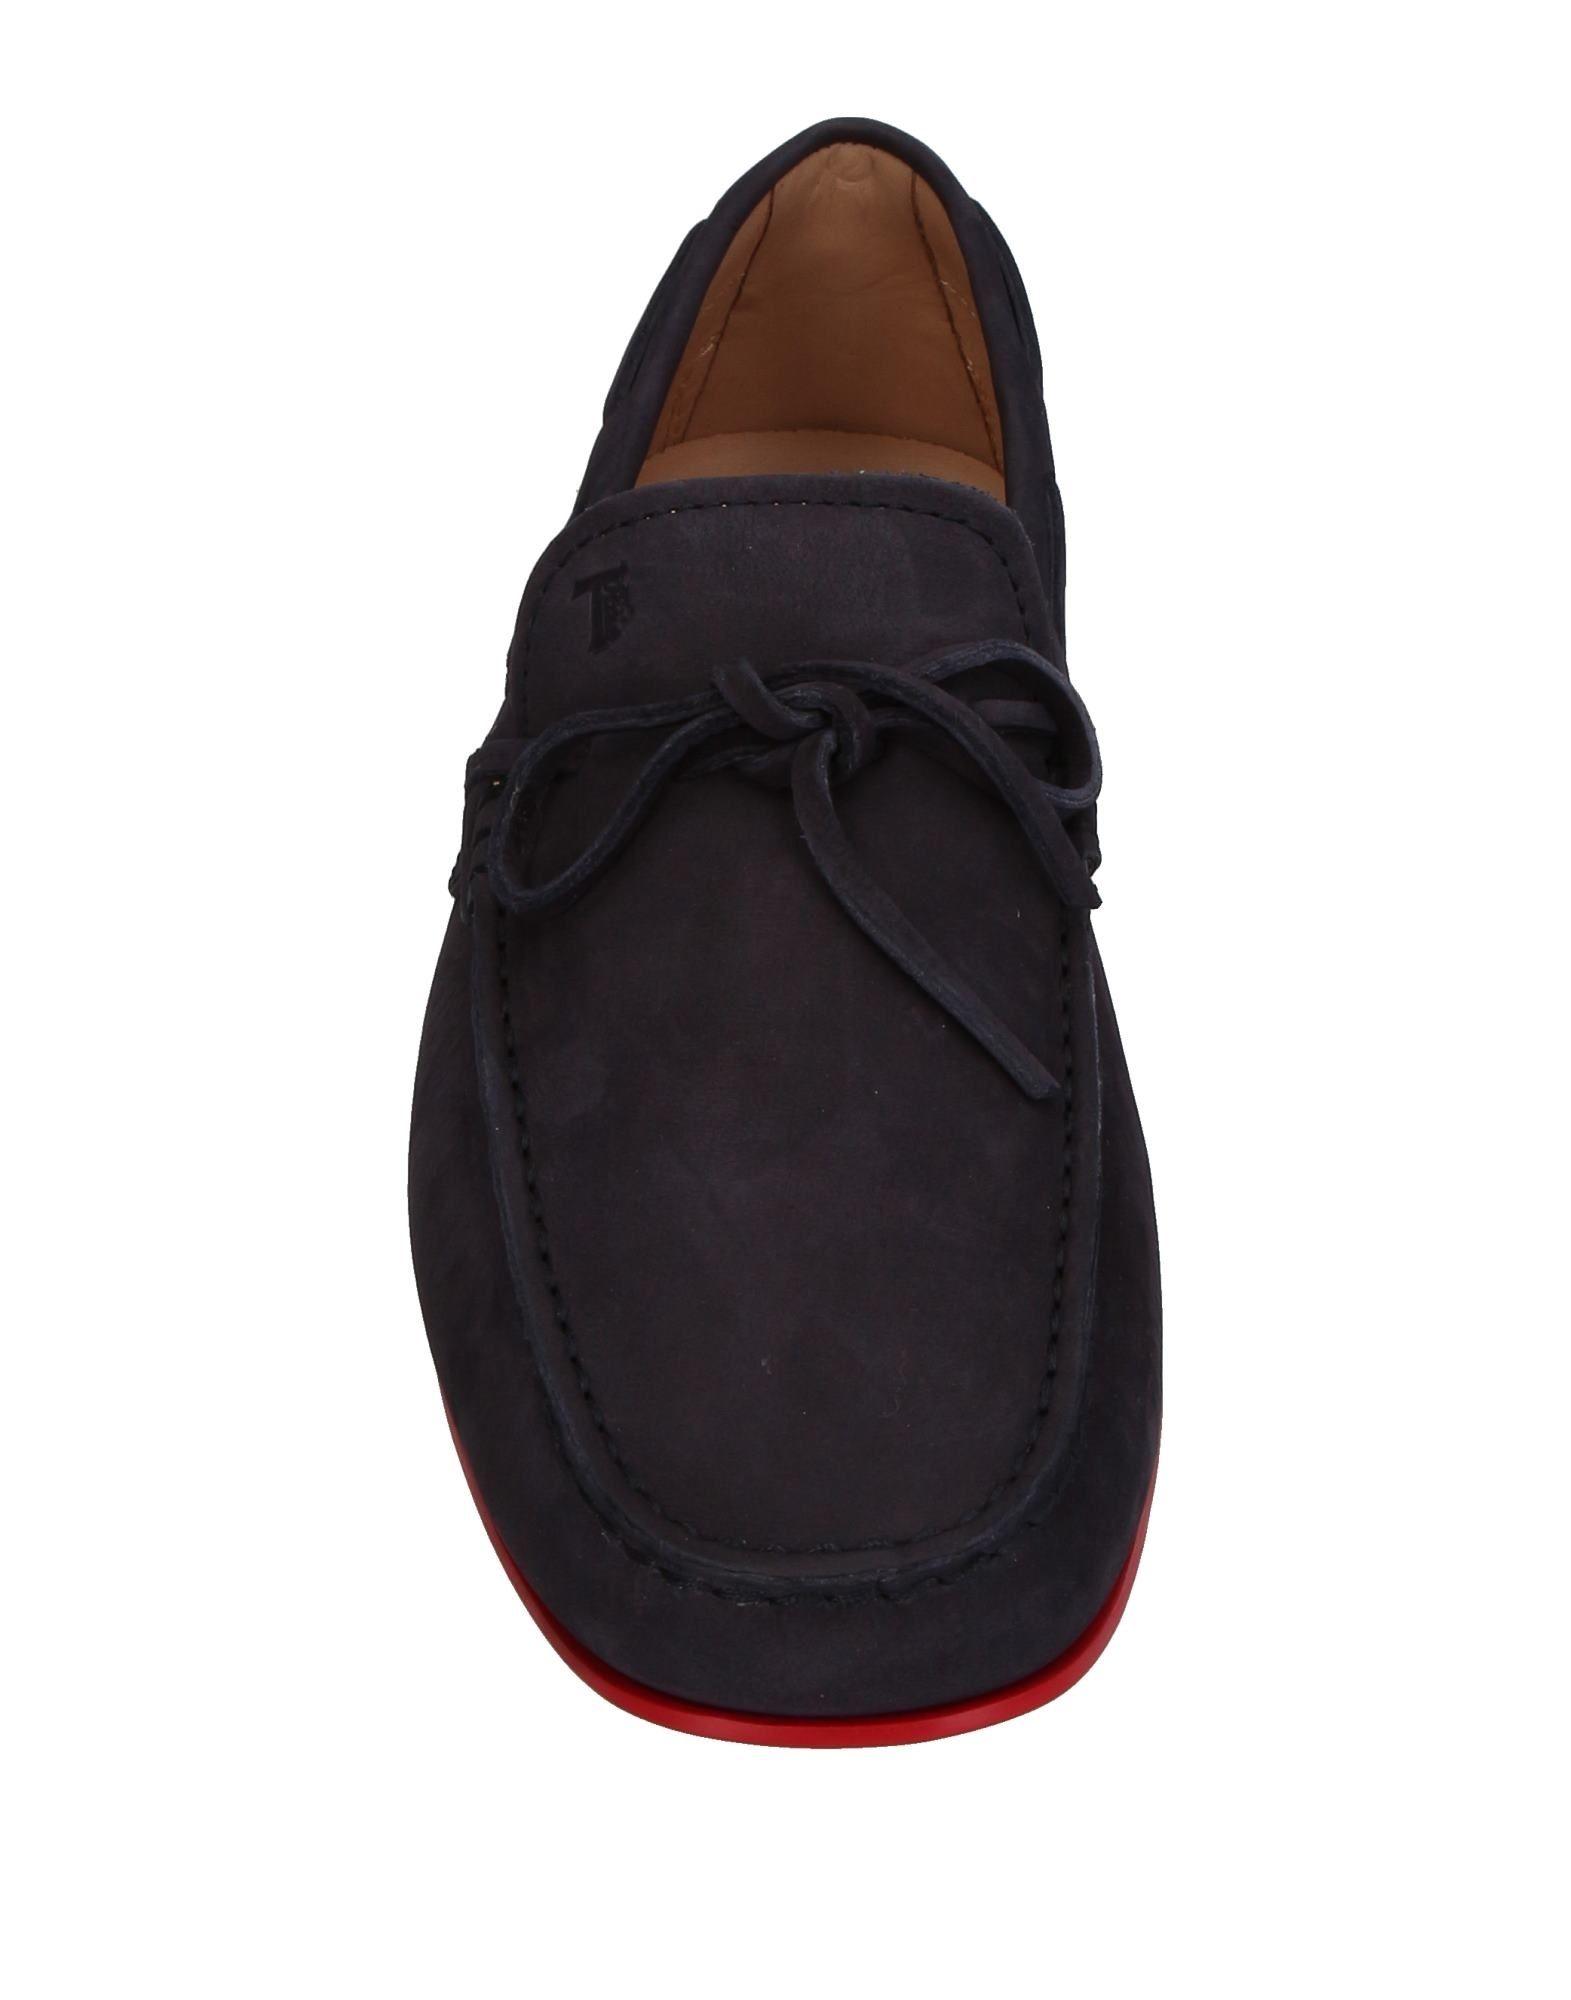 Tod's Mokassins Herren  11398485IX Gute Qualität beliebte Schuhe